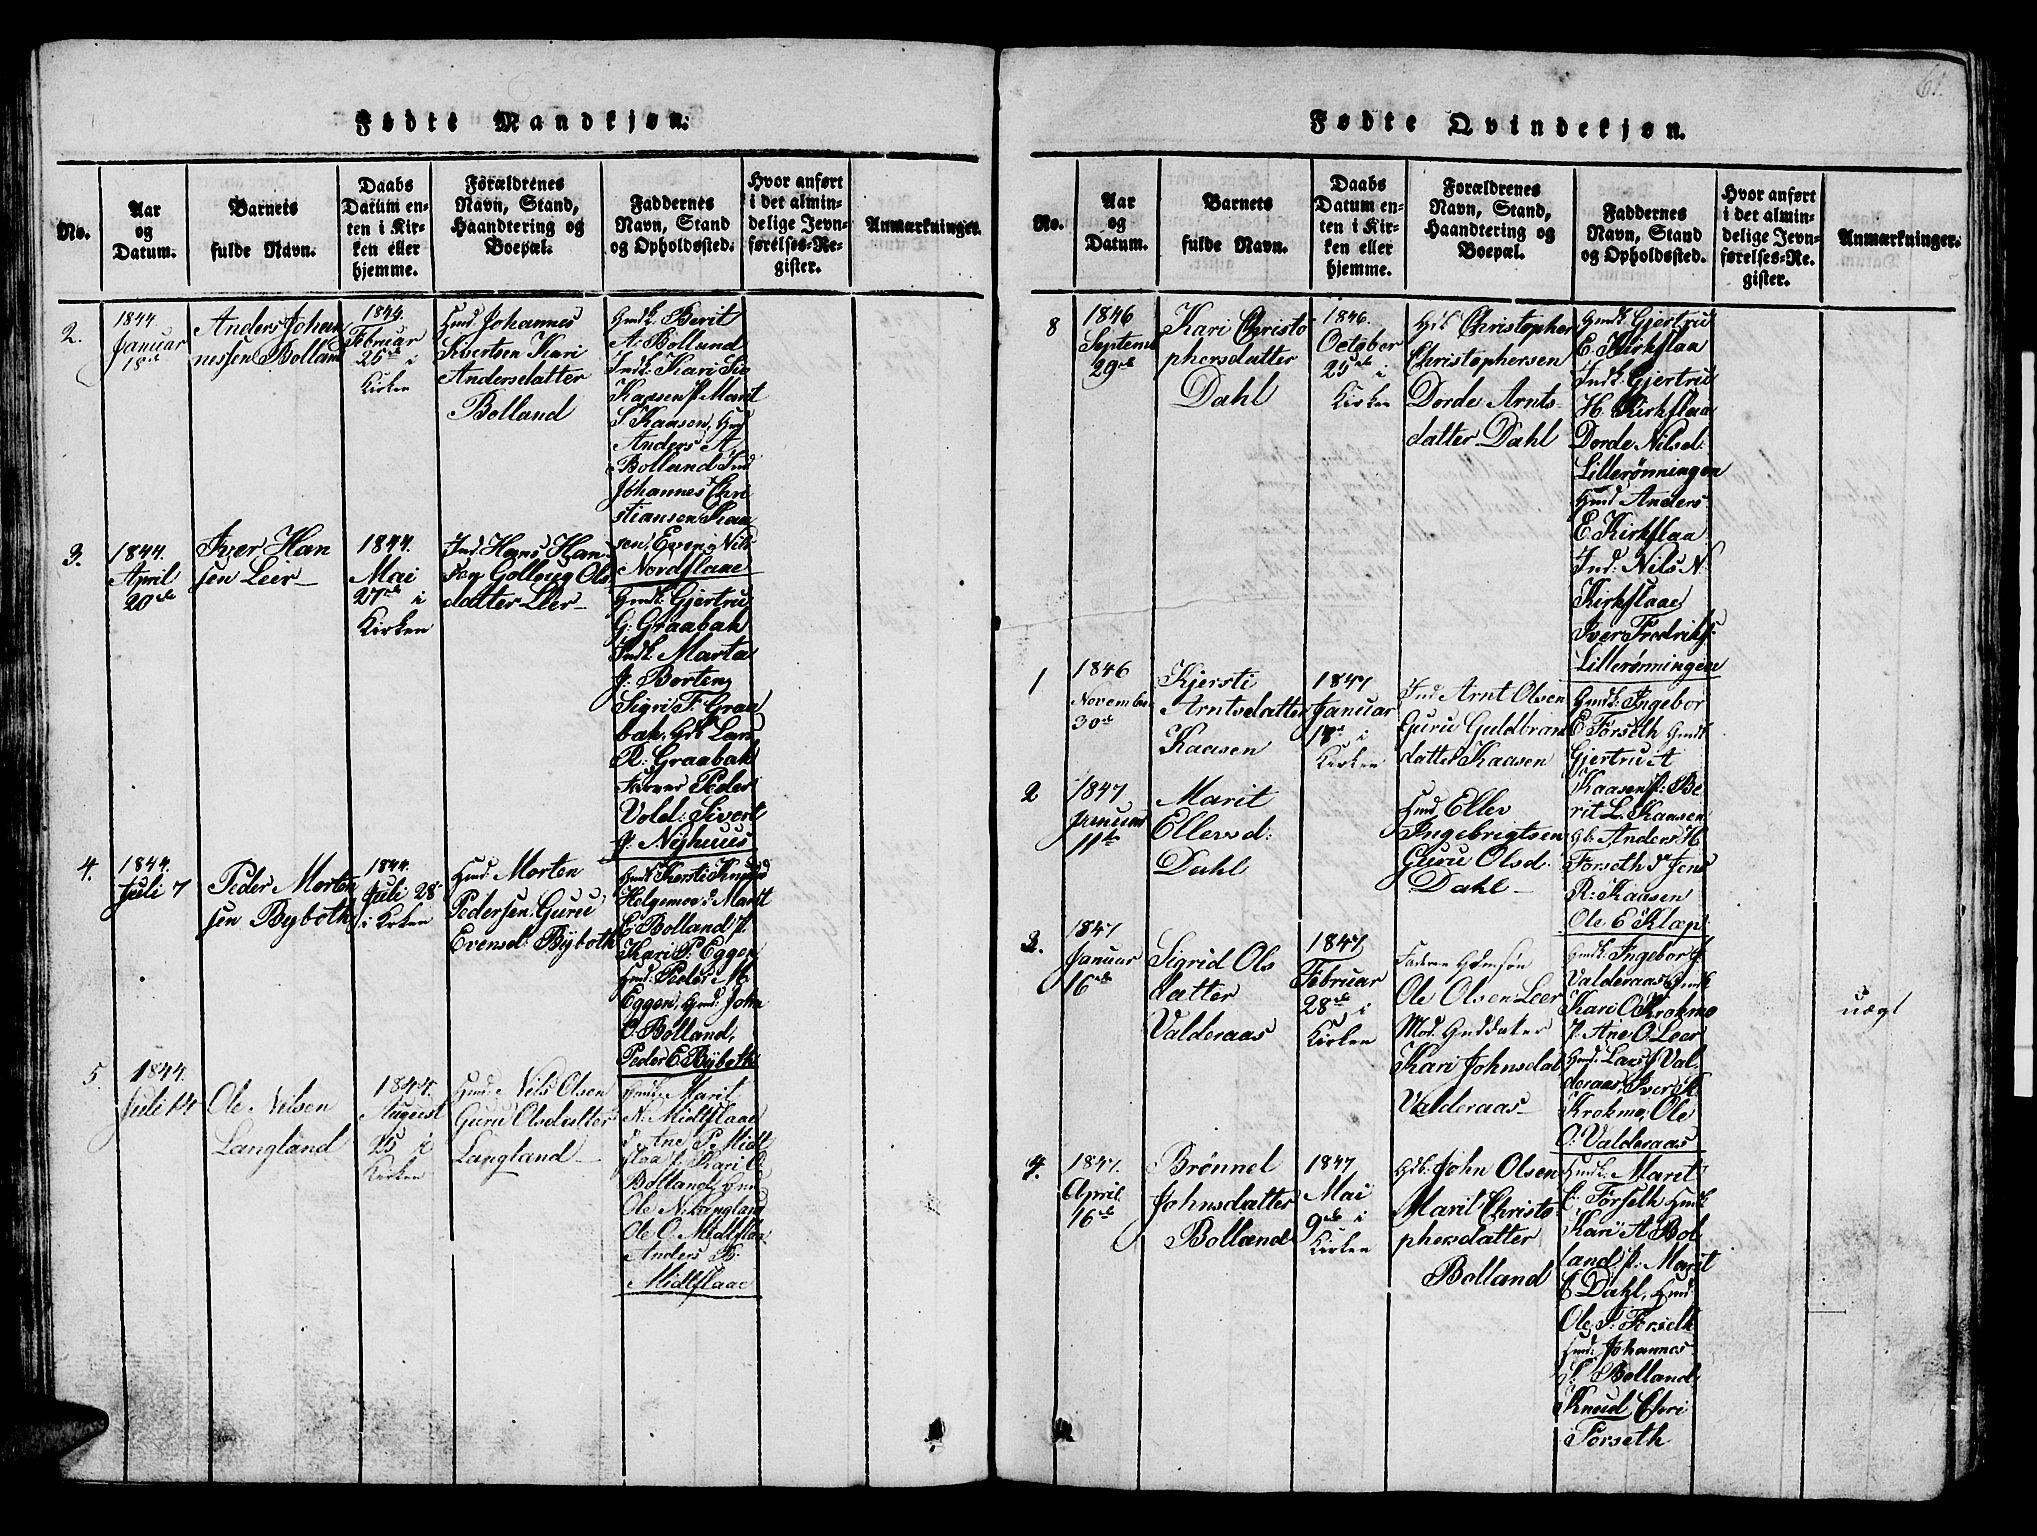 SAT, Ministerialprotokoller, klokkerbøker og fødselsregistre - Sør-Trøndelag, 693/L1121: Klokkerbok nr. 693C02, 1816-1869, s. 61